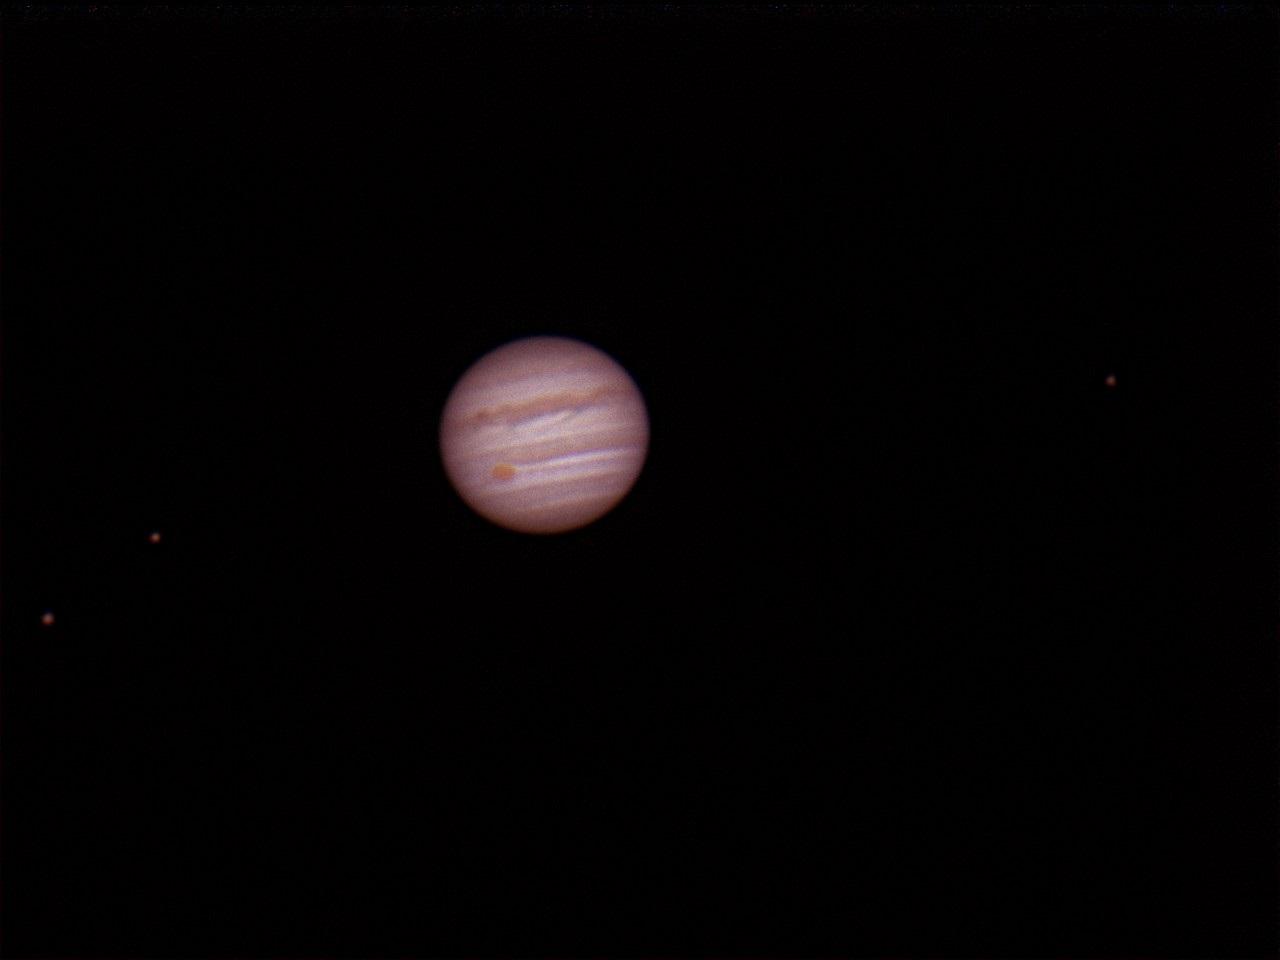 jupiter_big_telescope5b-2f76022d2c4cdf80e7856d429ee3df0e0af1a2dc